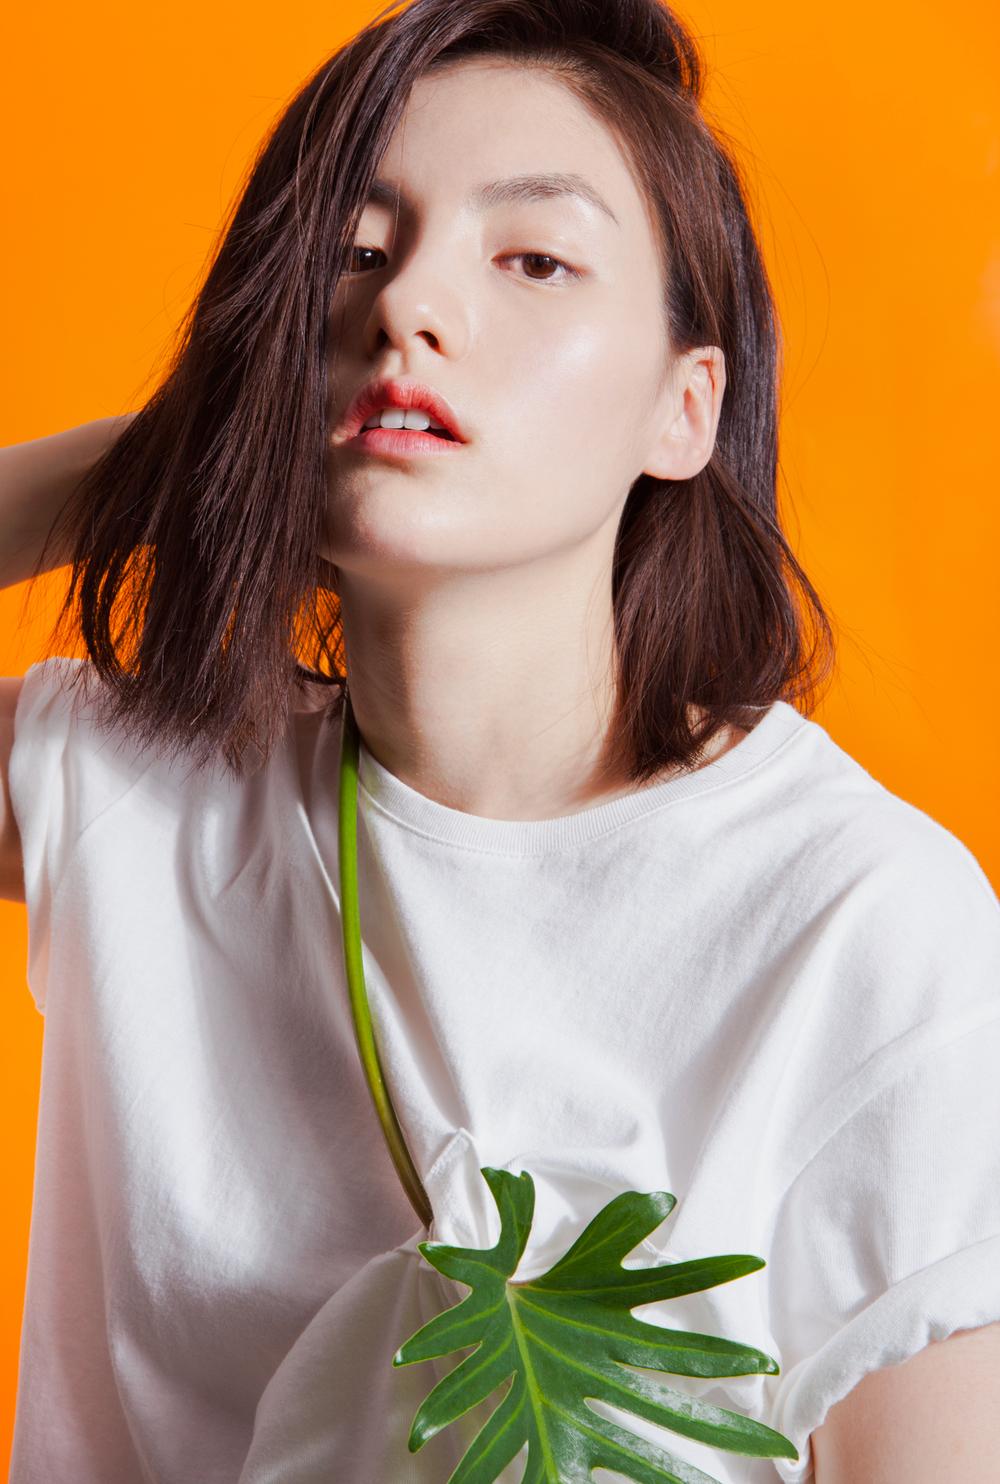 White_Tshirt_image.jpg